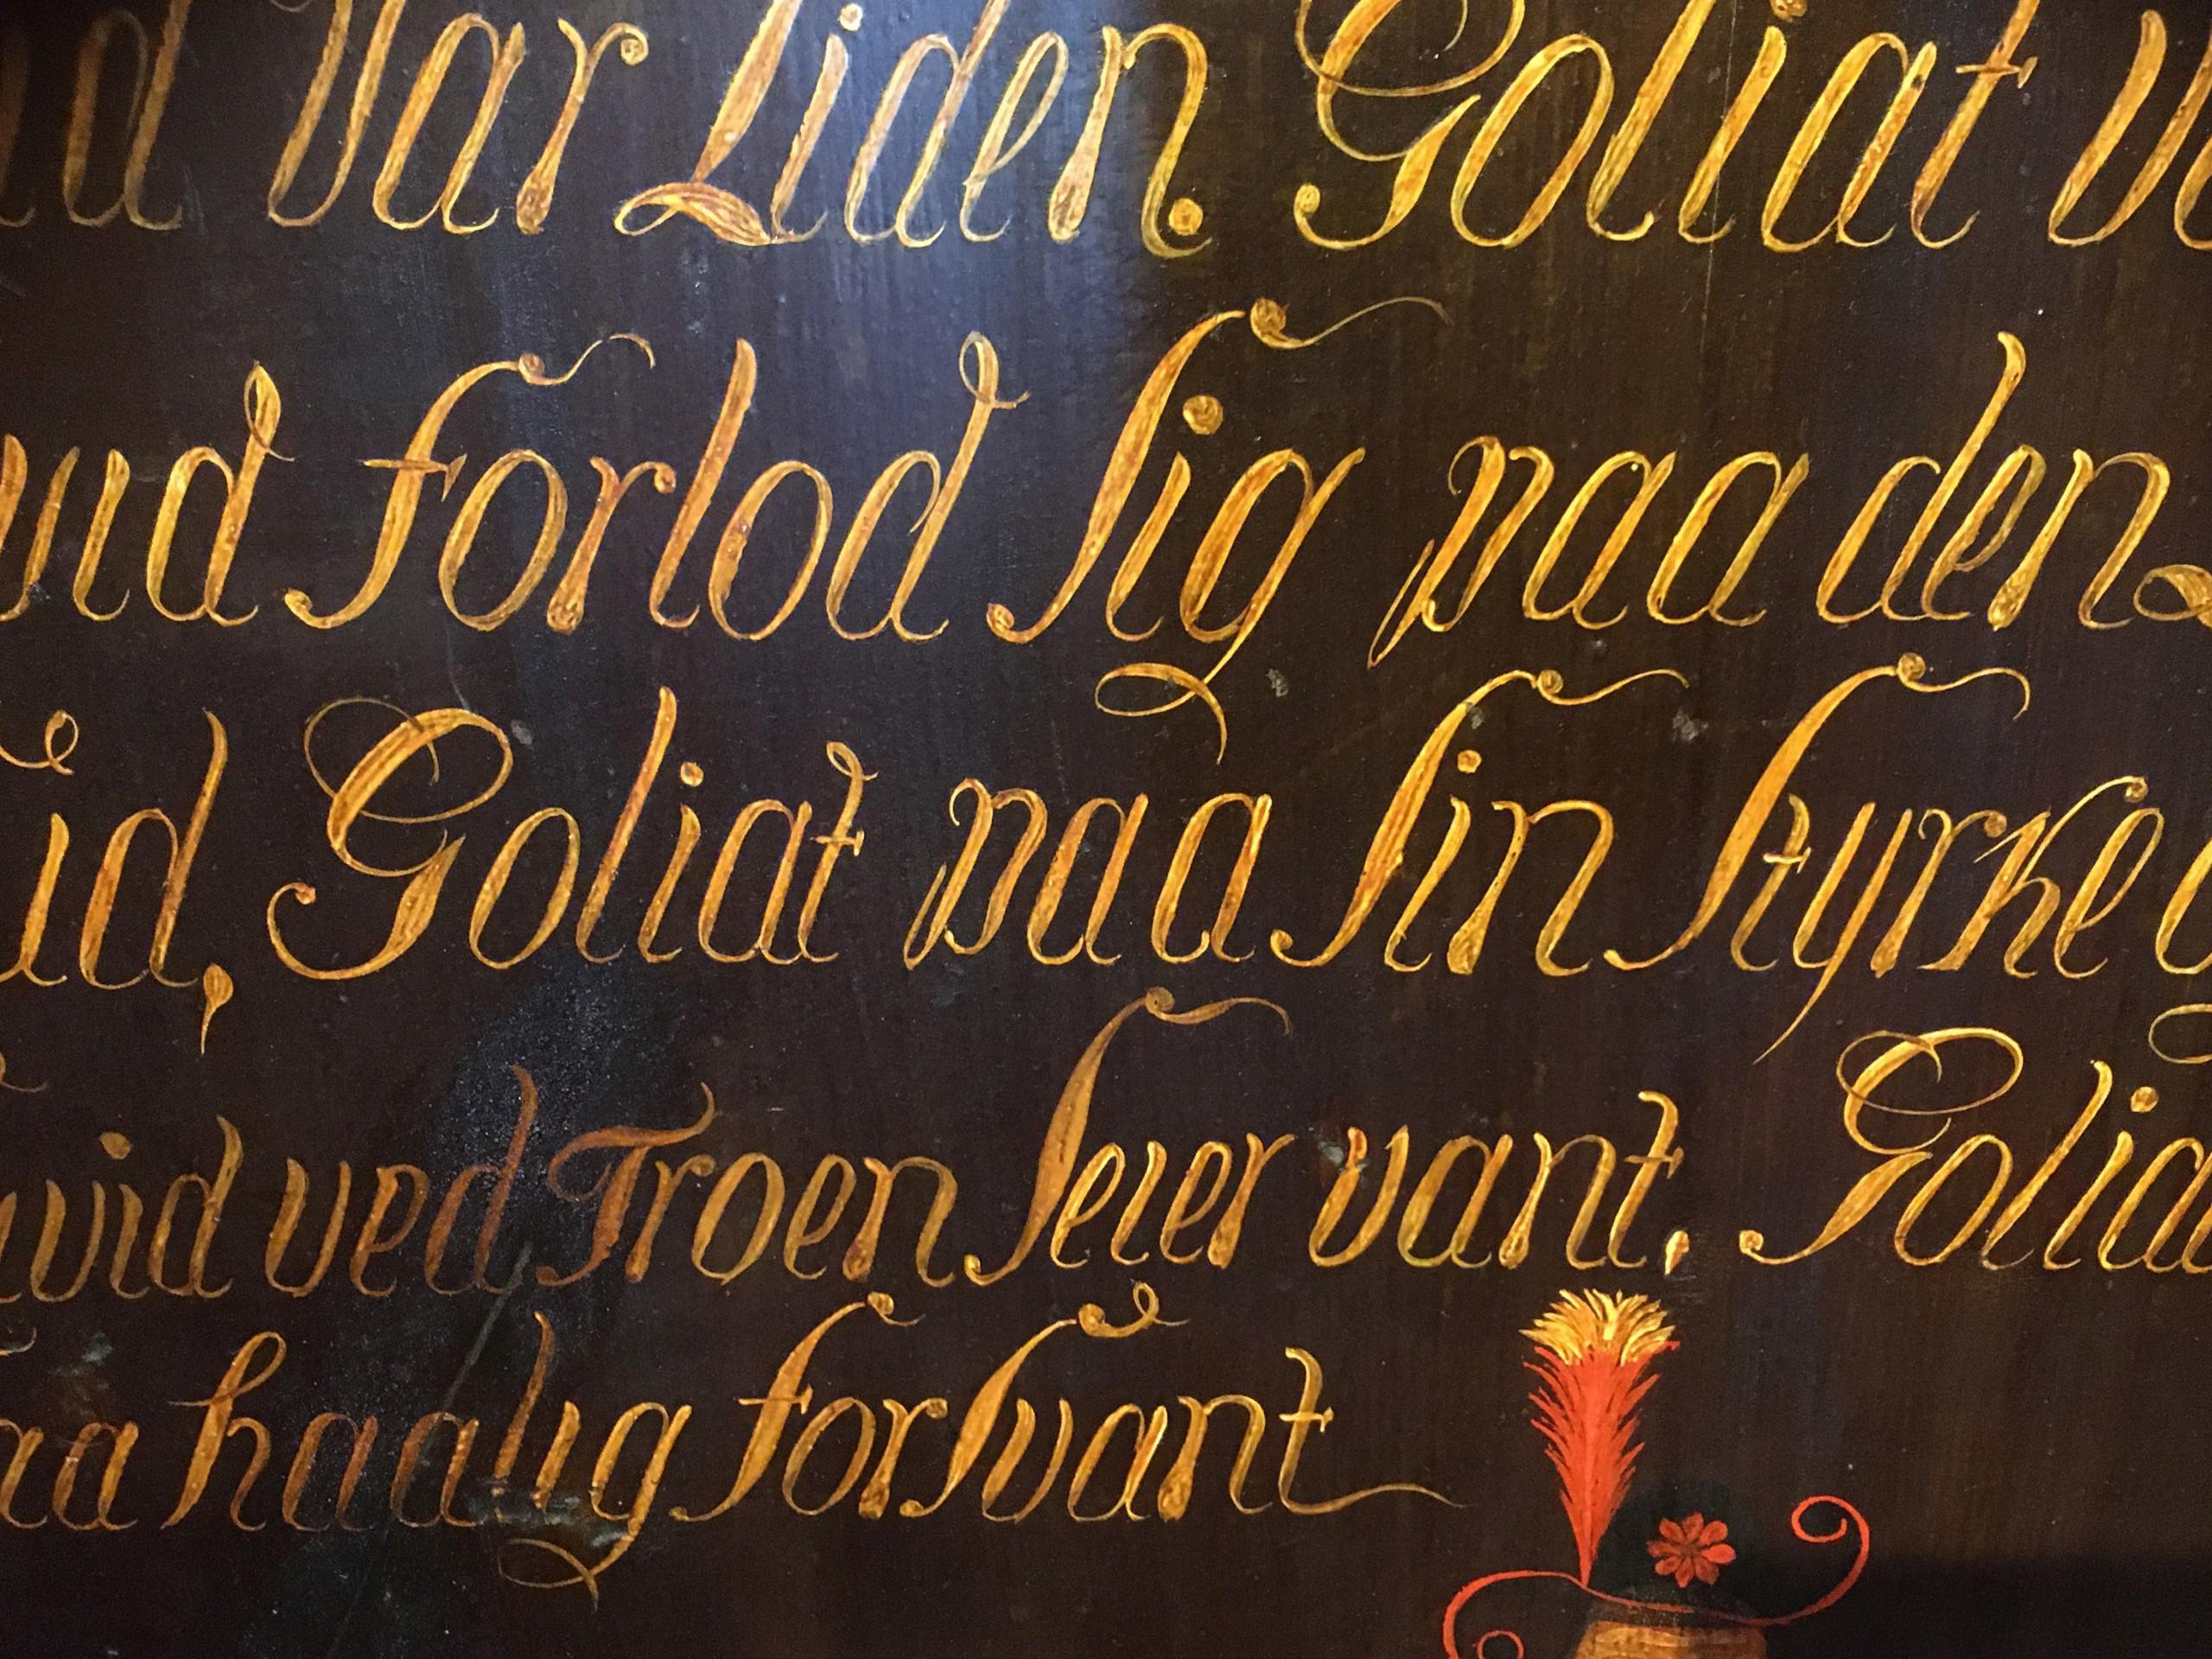 The Gundersen Collection er en imponerende samling av kunst og norske bondeantikviteter. Store deler av samlingen er stilt ut på hotellet Vestlia Resort i fjellbygda Geilo, Norge. The Gundersen Collection har også Norges viktigste private samling med grafikk av Edvard Munch. Ikke minst flere håndkolorerte grafiske verk. Embrik Bæra malte i 1846 kårstua på garden Quie (Kvie) i Flå i Hallingdal. Kårstua er fra 1667. Embrik Bæra har malt interiøret i Bæra-salen på Vestlia Resort. På veggene henger også klassikere fra omtrent samme tidsperiode. Bengt Nordenberg (1822-1902), Knut Bergslien (1827–1908) og Adolph Tidemand (1814-1876). Et veggpanel malt av Herbrand Sata (1753–1830) henger også i dette rommet.